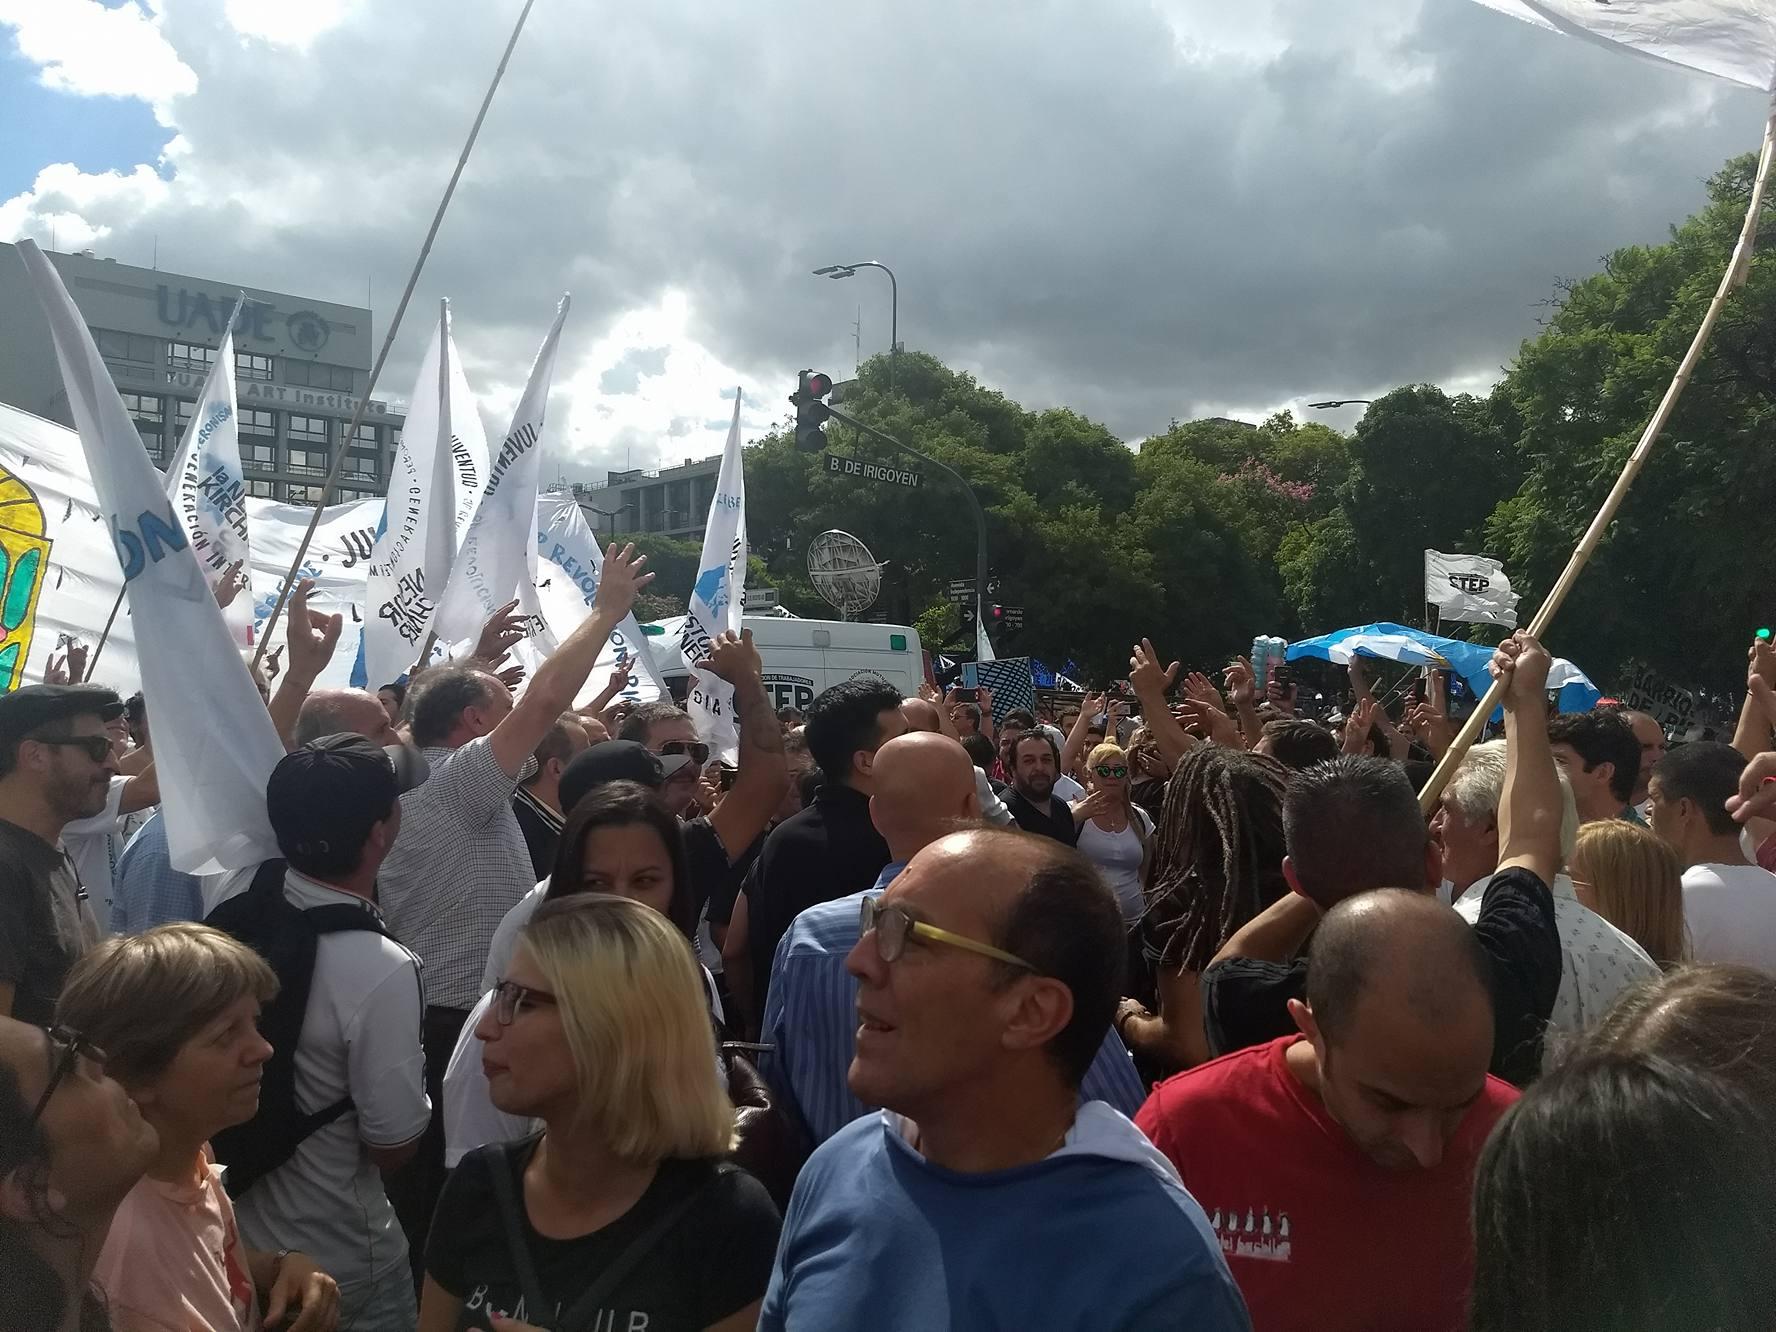 """Diferentes grupos participaron de la multitudinaria marcha sindical en Buenos Aires. Uno de ellos fue La Néstor Kirchner y su referente Pablo Quevedo expresó que """"fue una marcha sin sobresaltos, peleas ni piedras""""."""